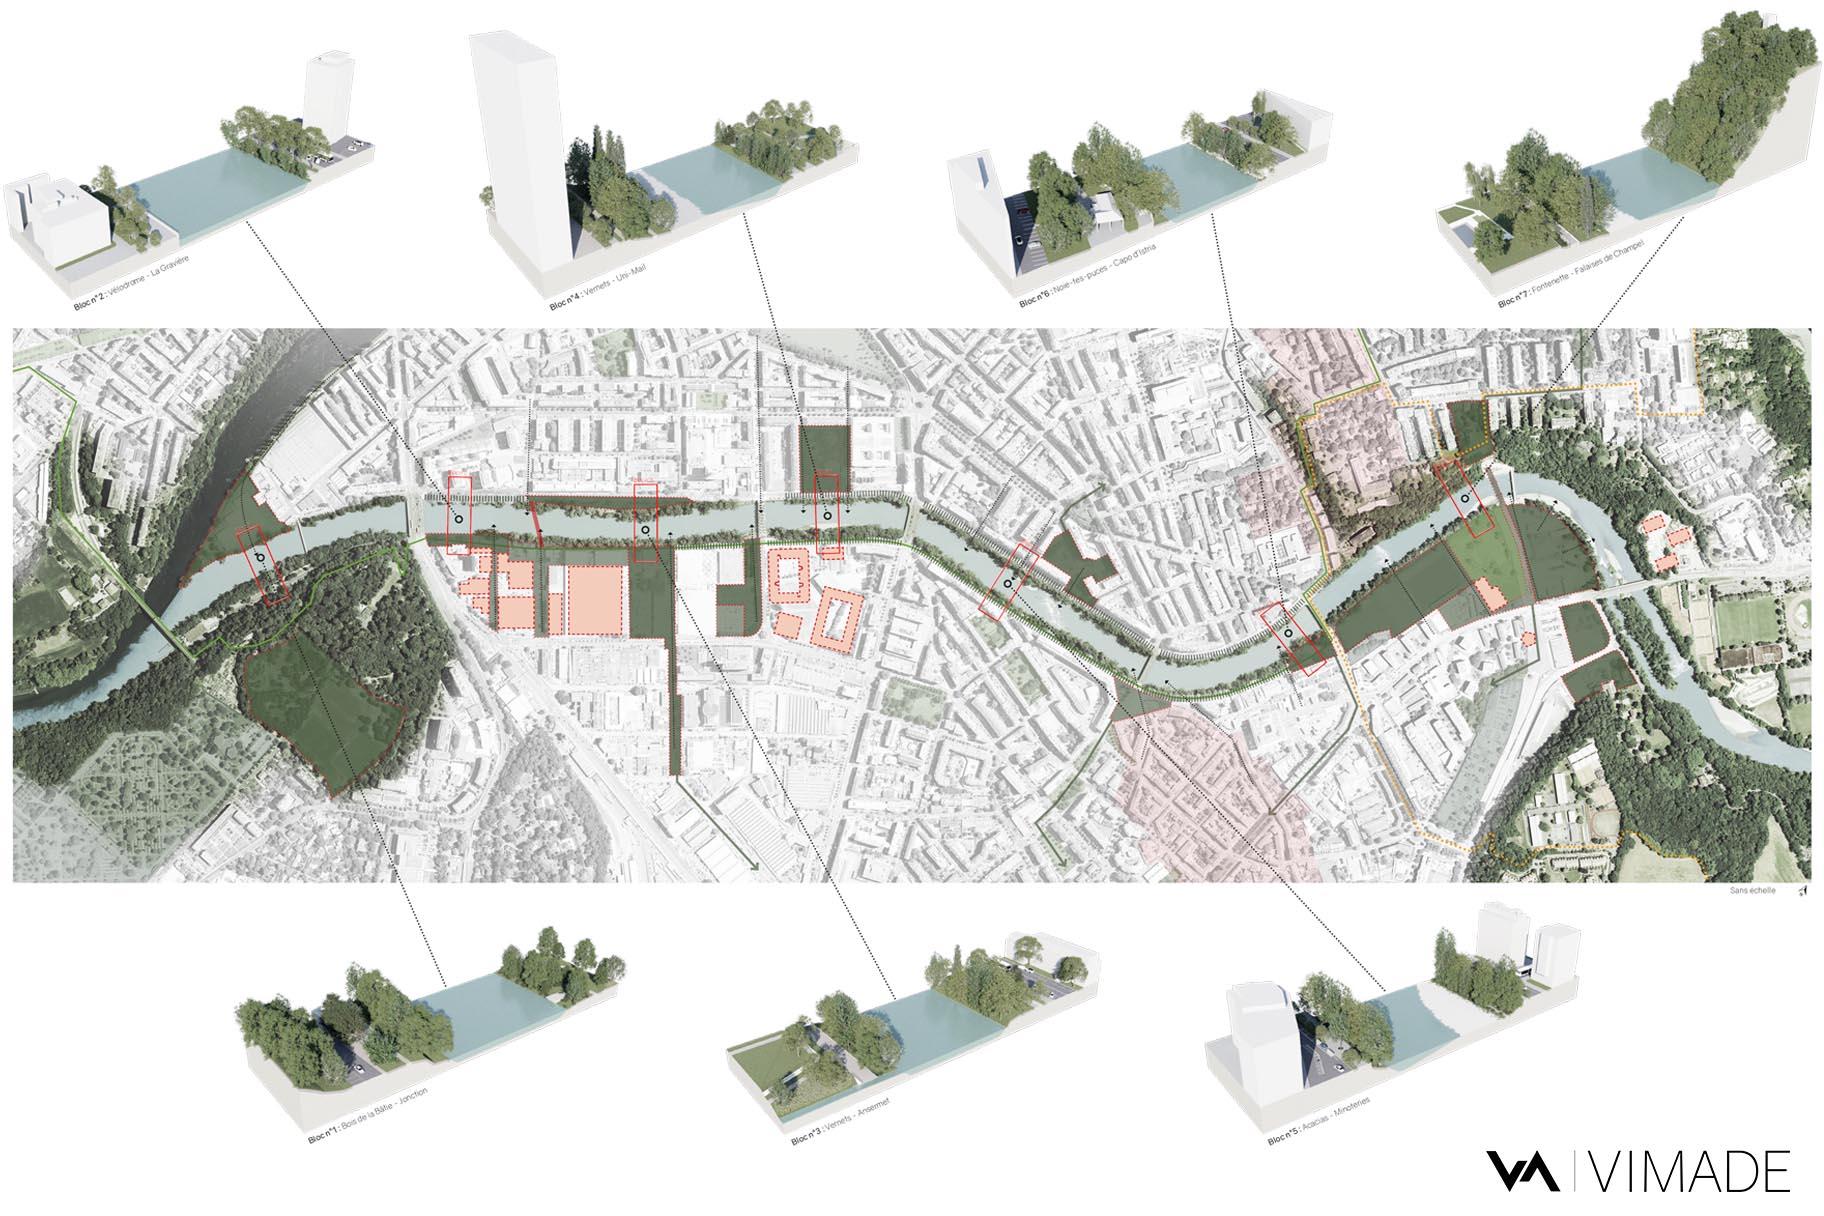 Plan de l'image directrice pour l'aménagement des berges de l'Arve à Genève par le bureau VIMADE Architectes paysagistes.